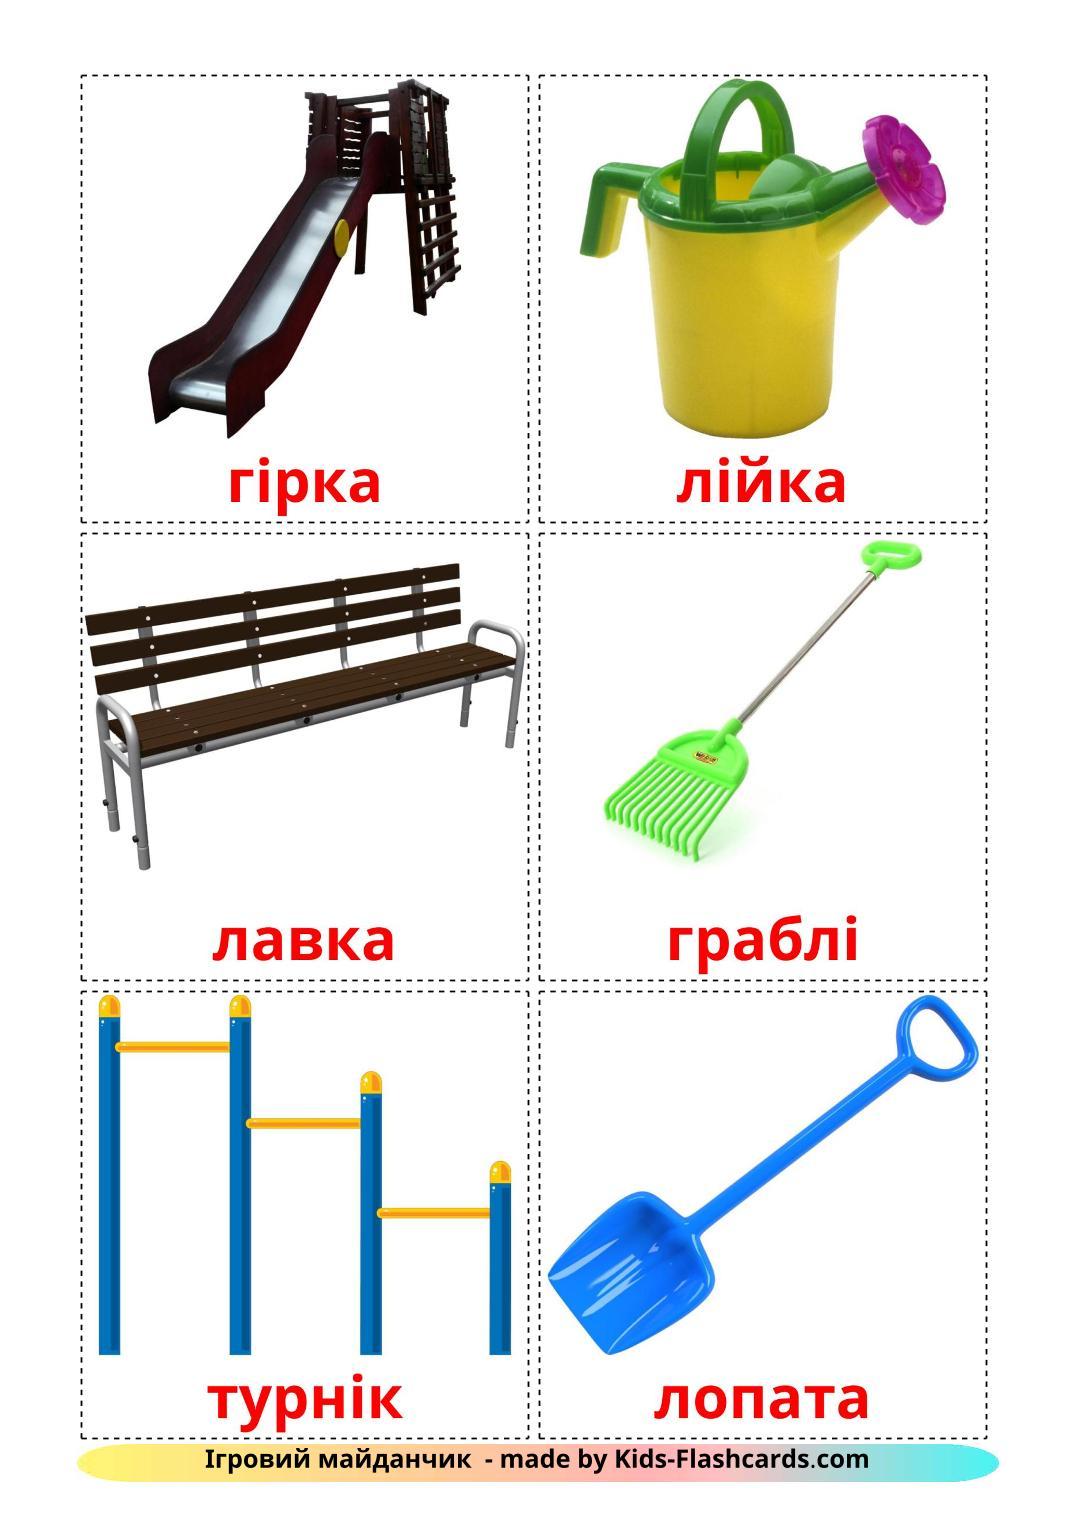 Playground - 13 Free Printable ukrainian Flashcards